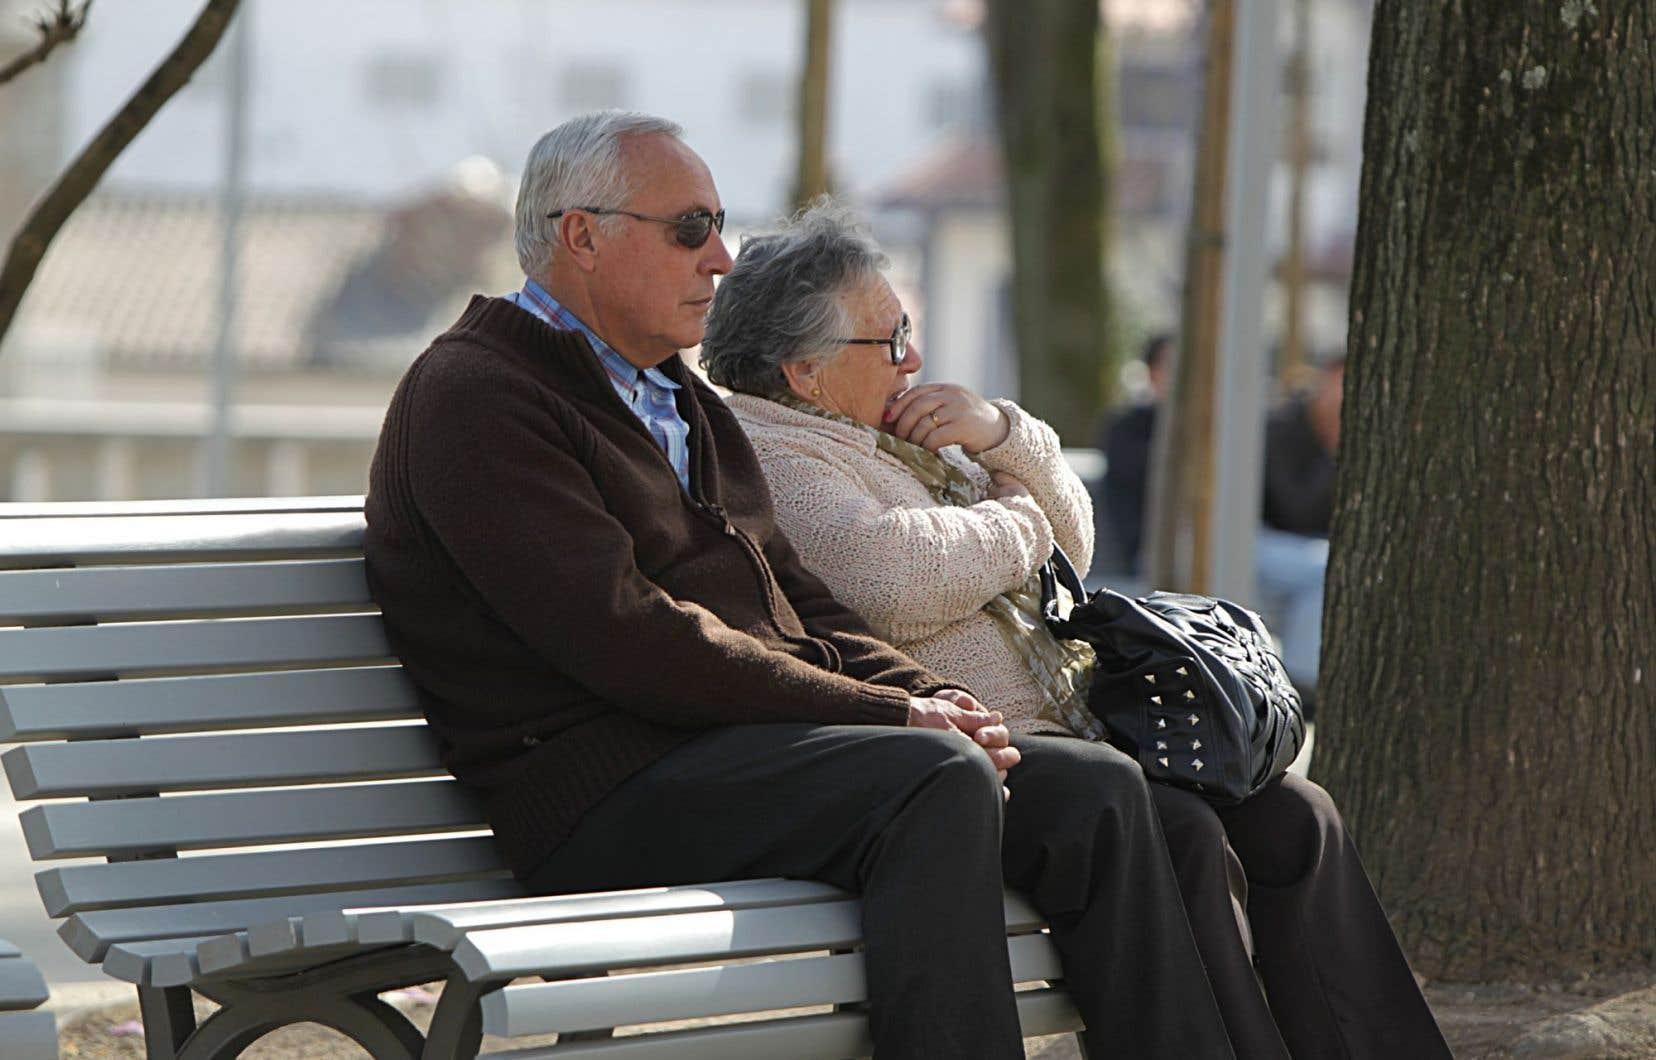 L'étude de l'Institut du vieillissement suit 50000 Canadiens âgés de 45 à 85ans pendant 20ans ou jusqu'à leur décès.